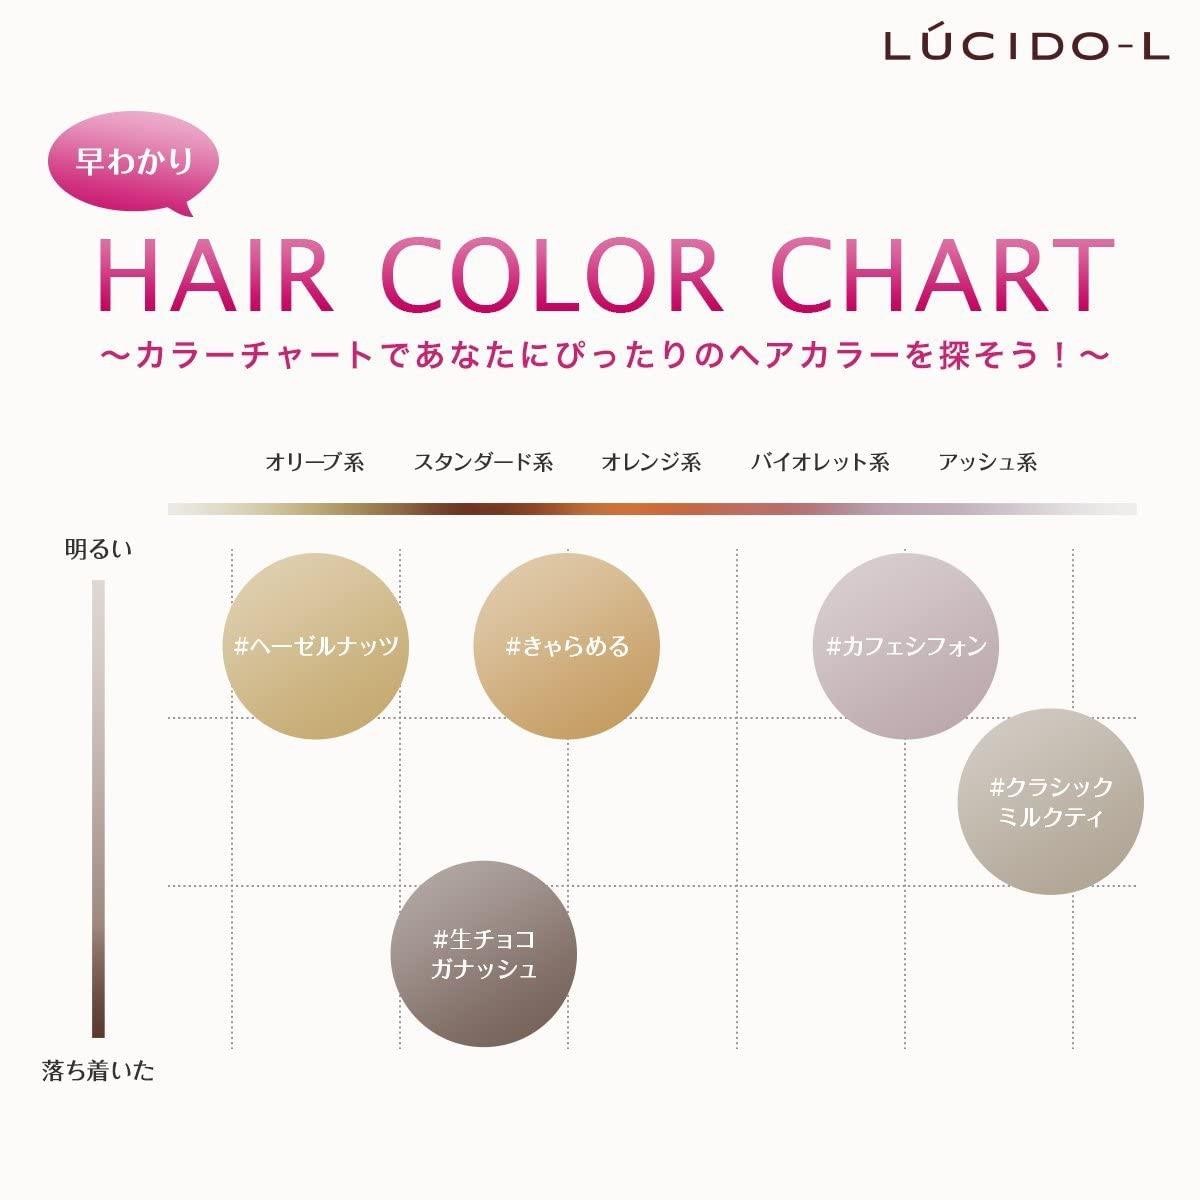 LUCIDO-L(ルシードエル)ミルクジャム髪色もどしの商品画像3